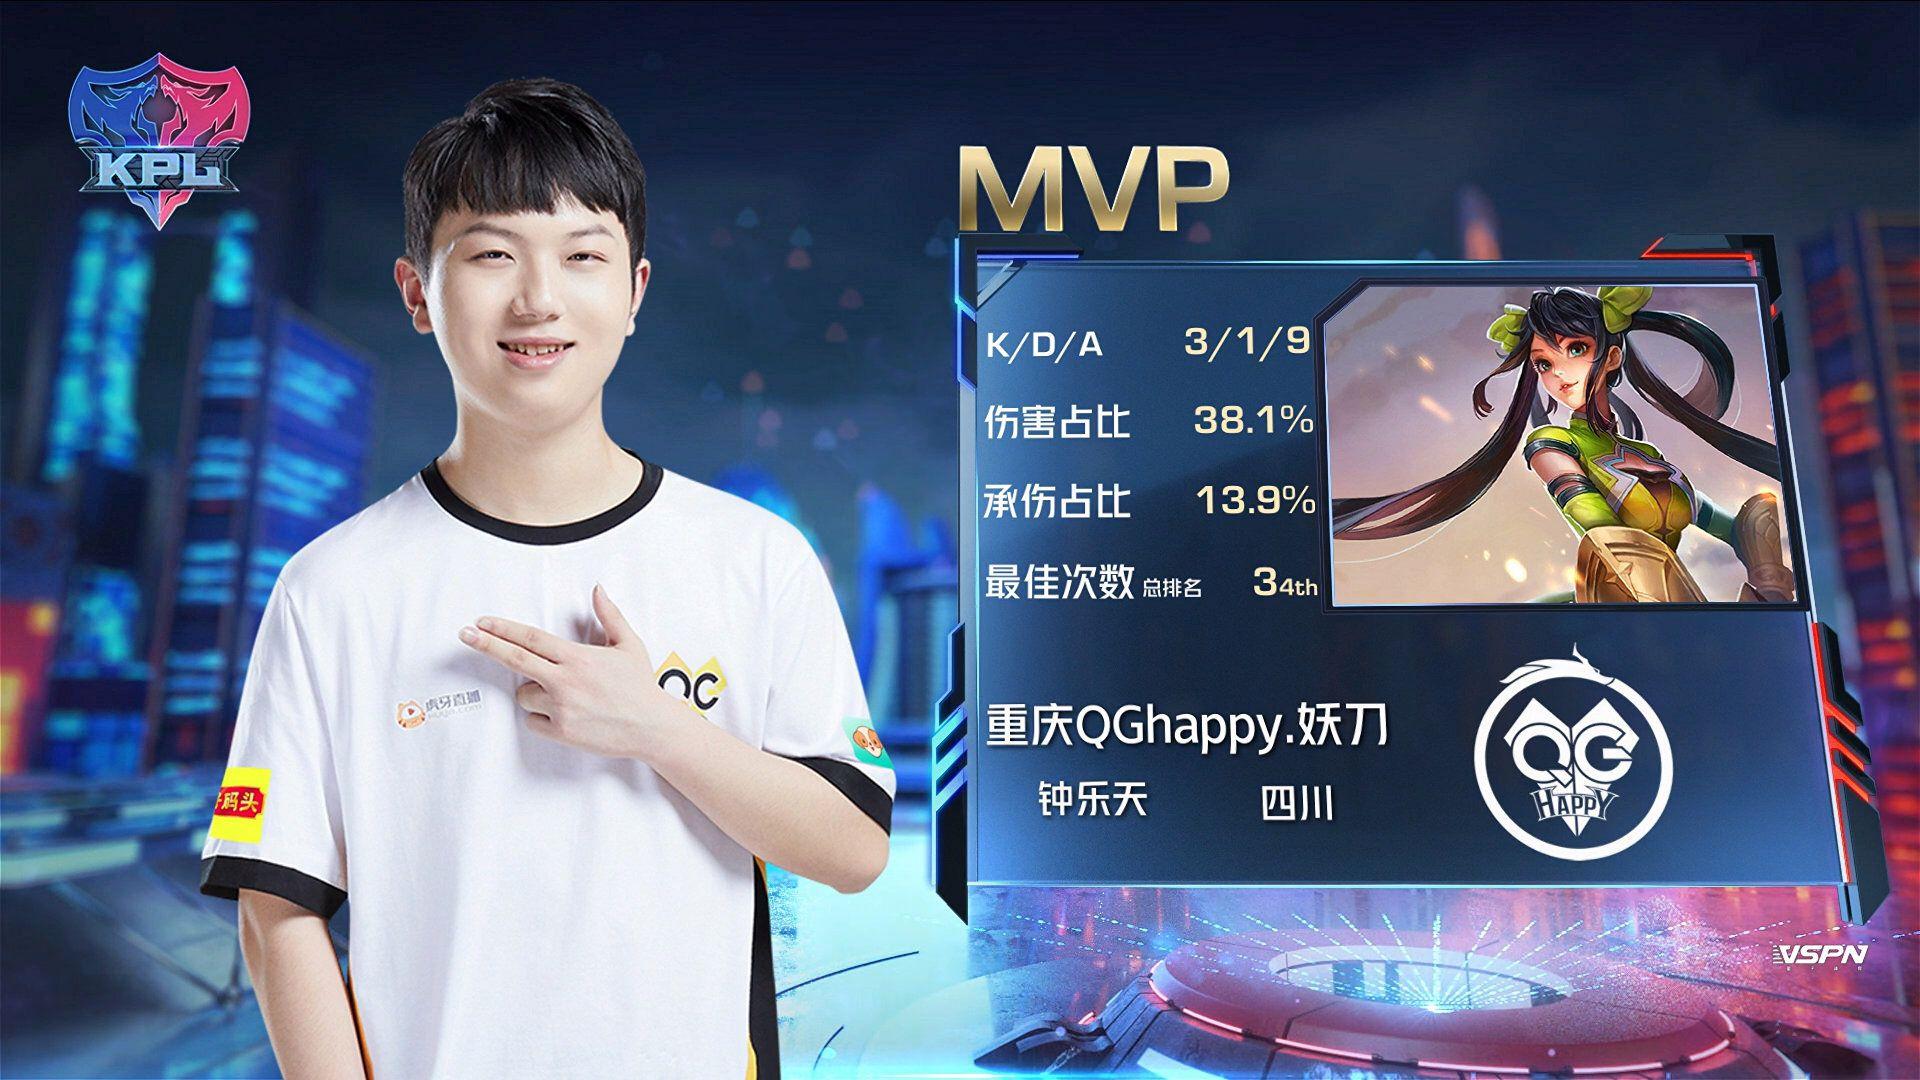 重庆QGhappy获首胜,770坐镇率队止连败